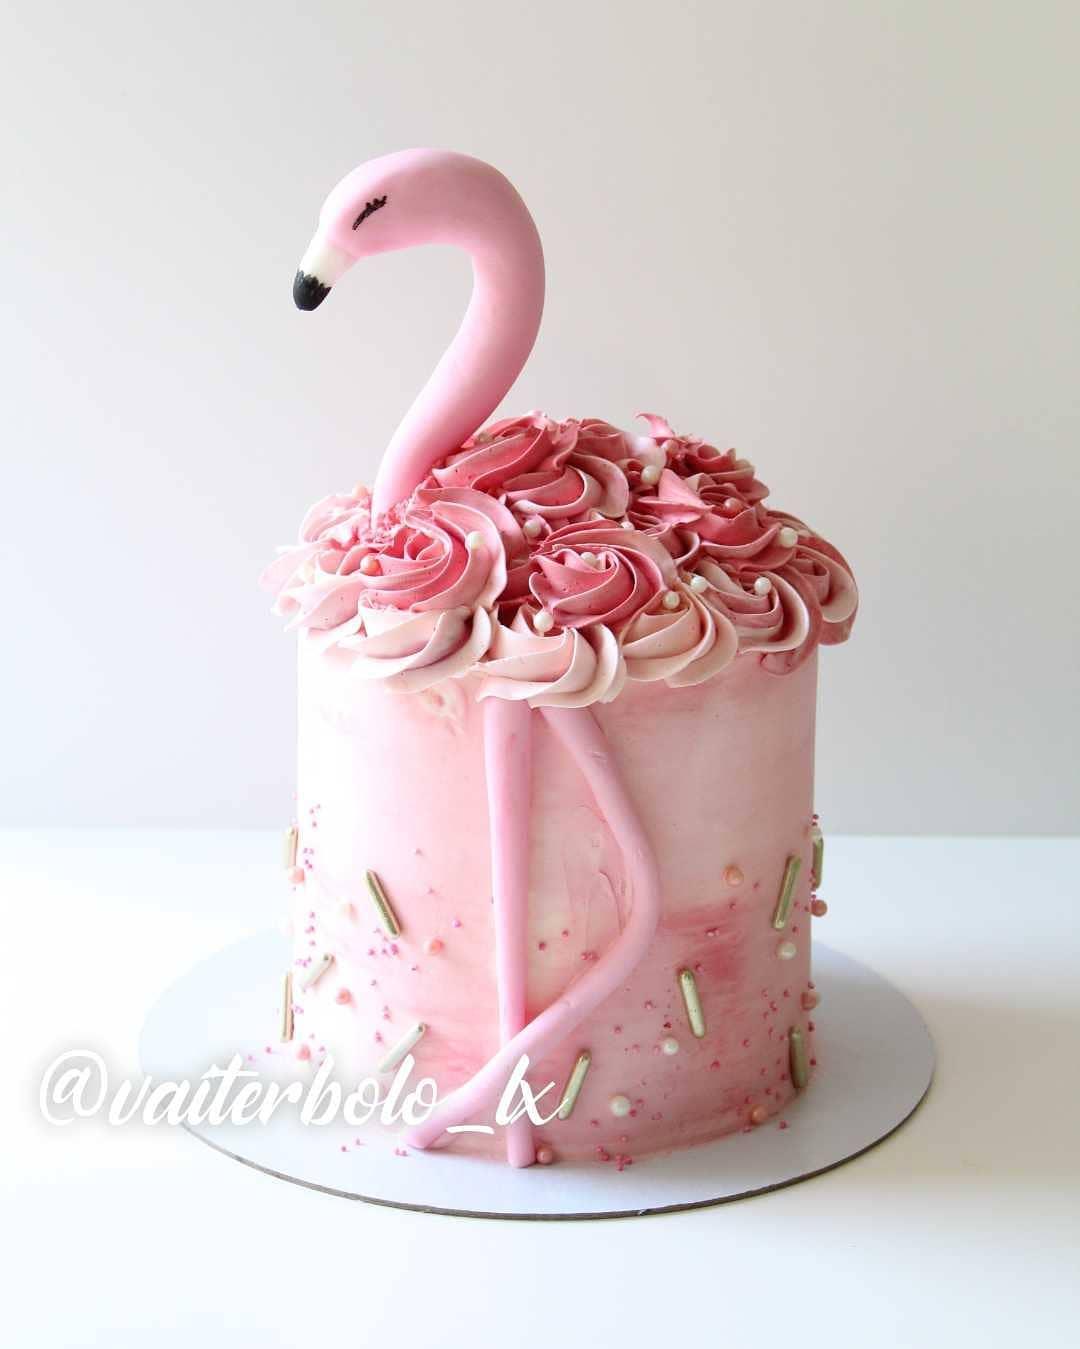 Já que tivemos um final de semana maravilhoso, nada melhor do que começar com esse bolo que é cheio de energia e desejar uma semana iluminada para todos vocês 🥰..#vaiterbolohoje #almada #bolodecorado #buttercreamcake #birthdaycake #vaiterbolo #vaiterbolosim #bolo #cake #lisboapontocome #cakeart #lisboafood #buttercream #cakedesign #lisboa #ilovelisboa #cakedecorating #vaiterbololindo